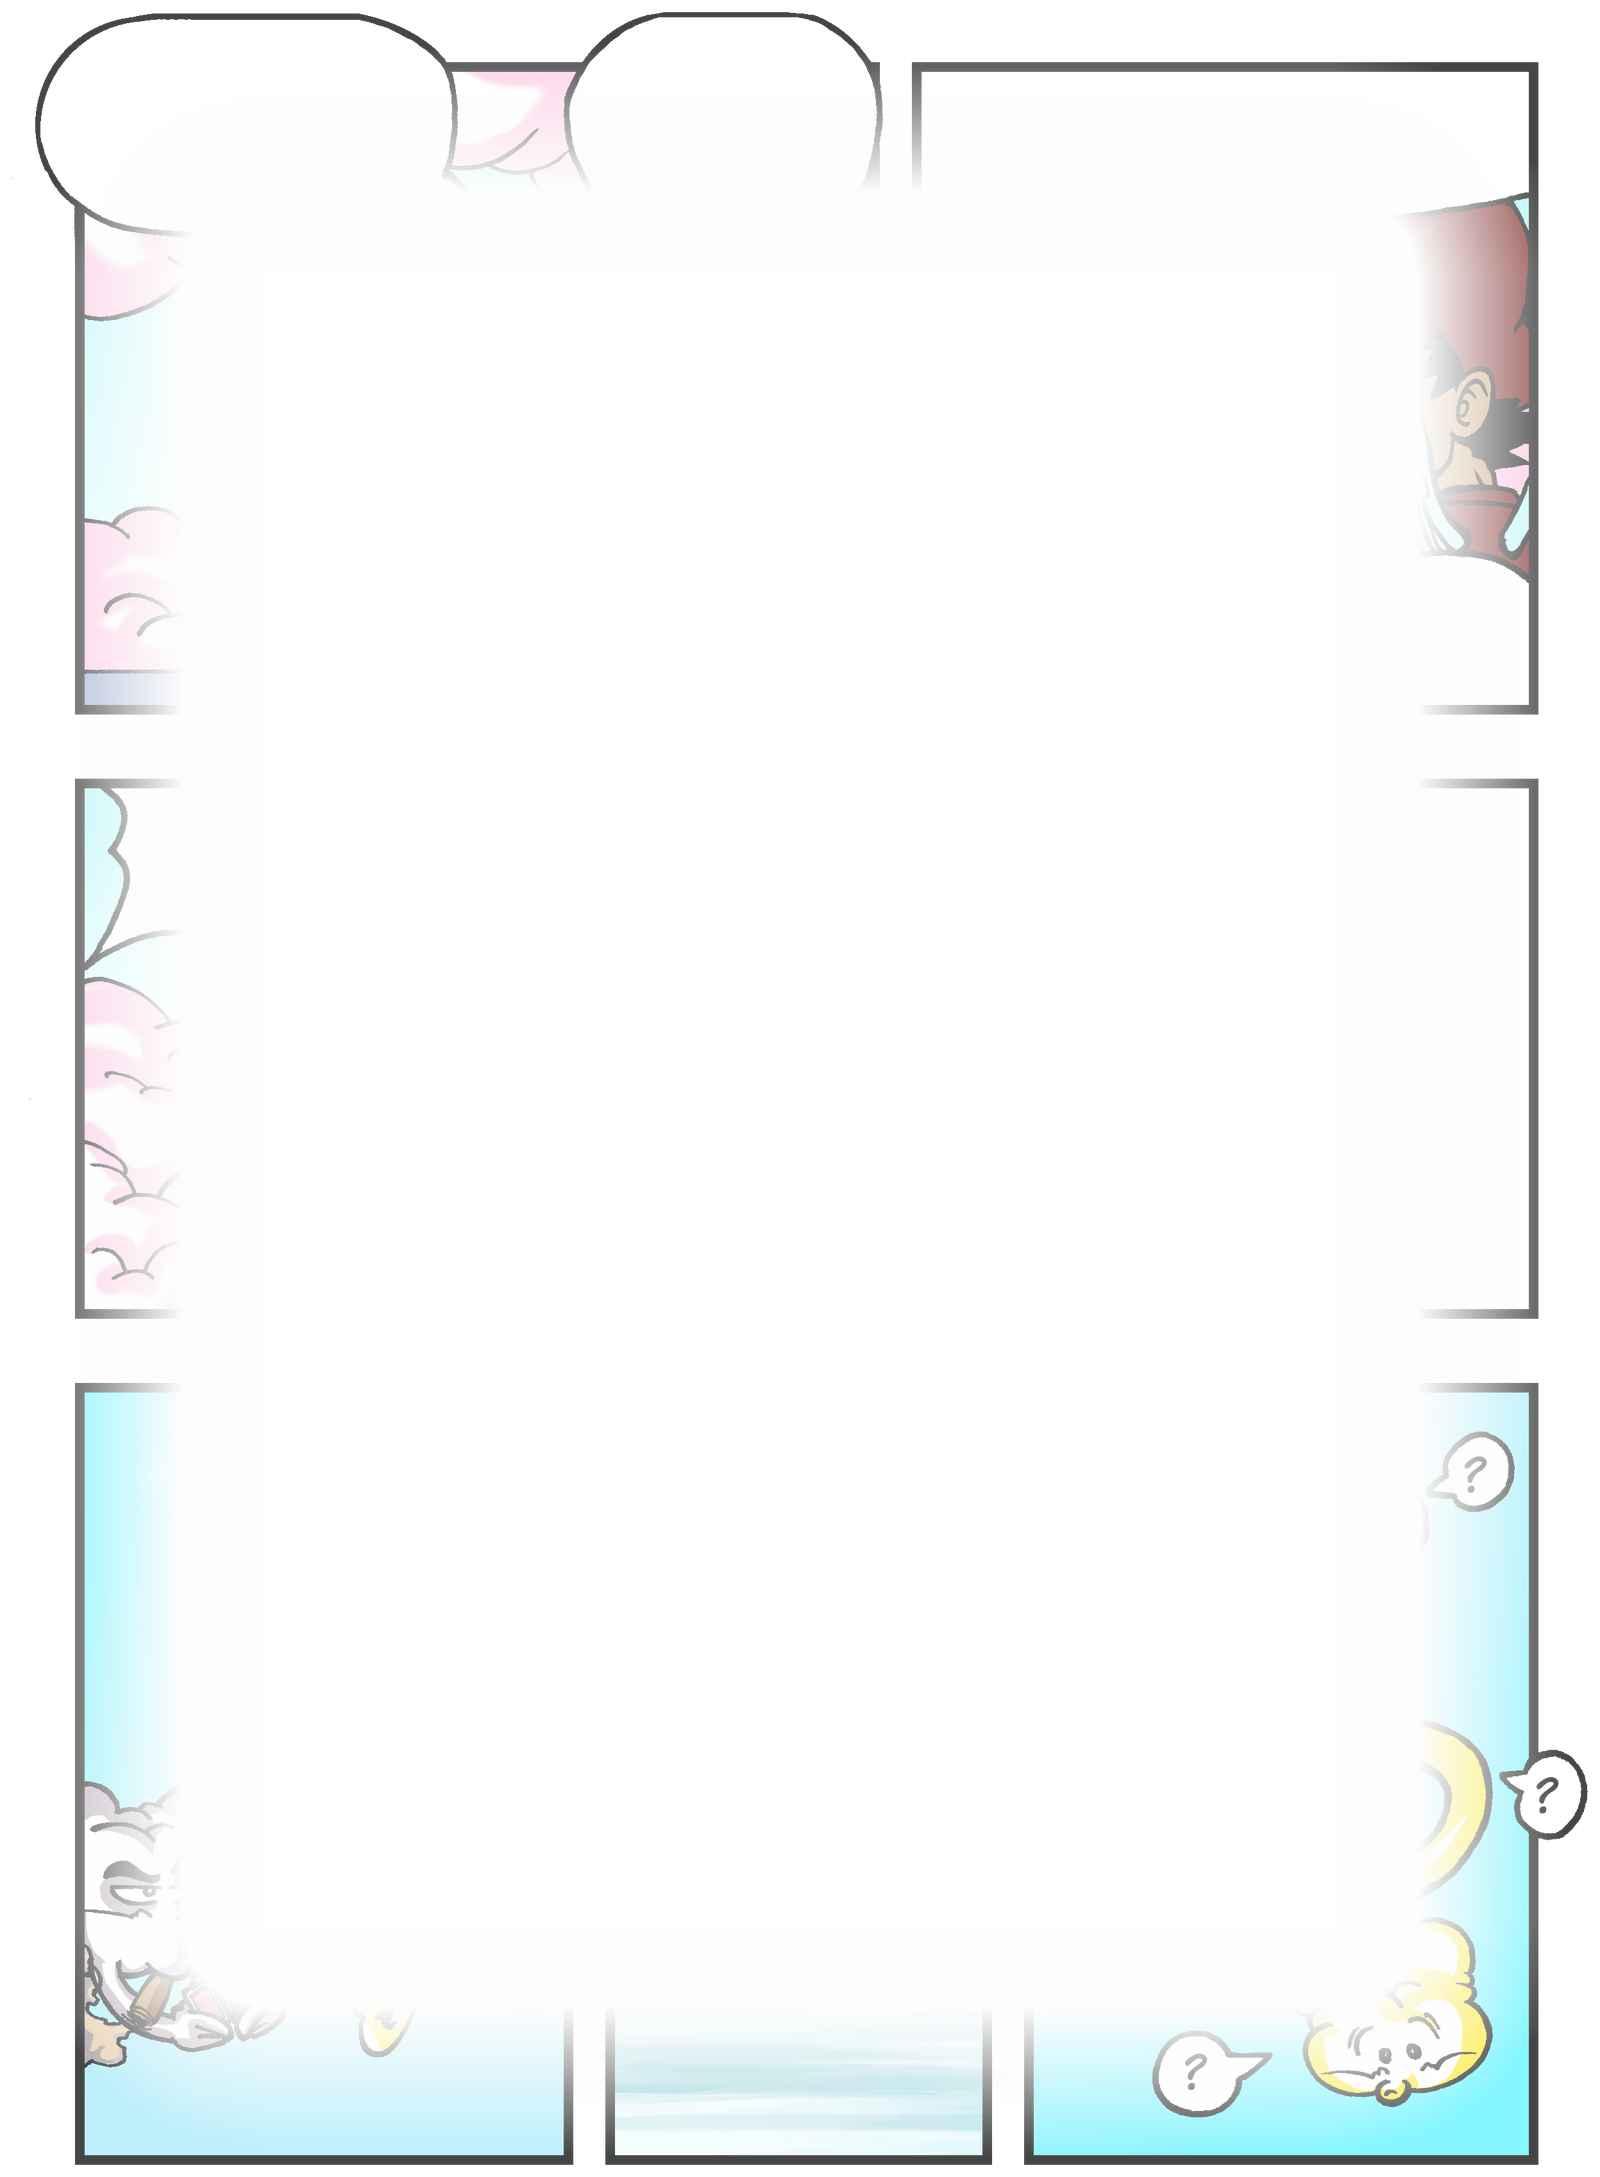 スーパードラゴンブラザーズZ : チャプター 2 ページ 12